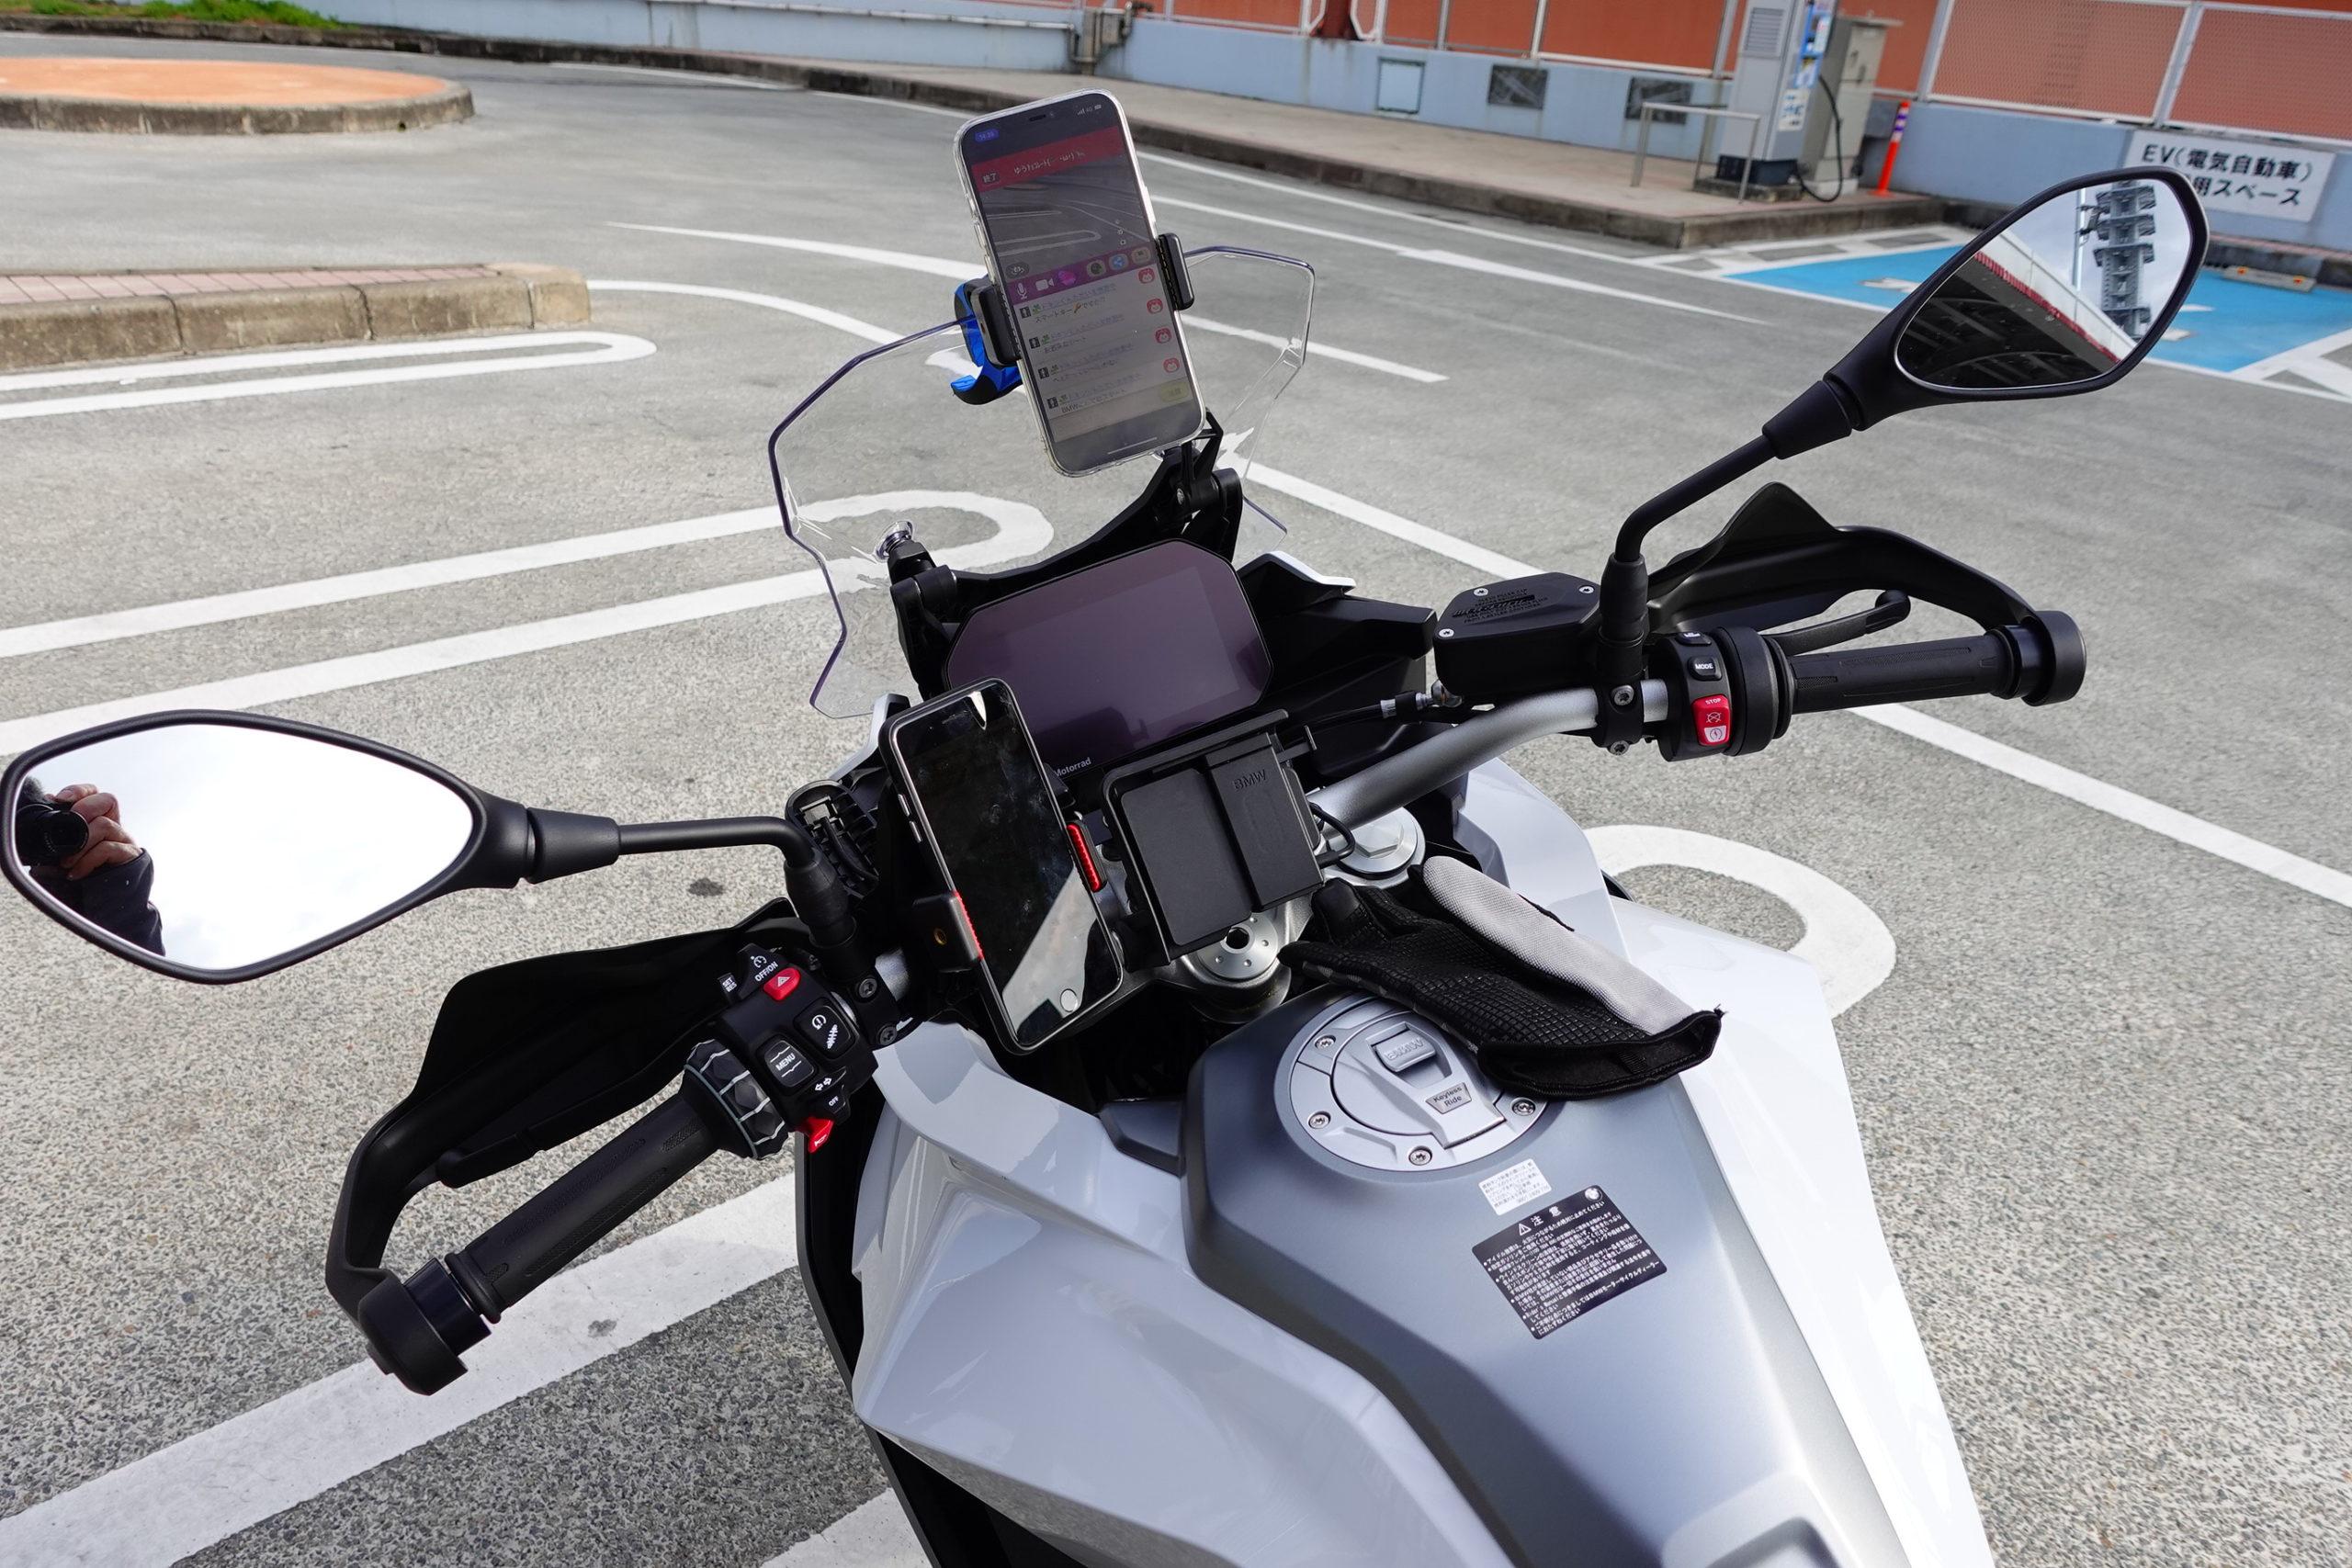 Bmw F900XR f 900 xr 2020 f900xrオートバイフロントガラススタンドホルダー電話携帯電話のgpsナビゲーションプレートブラケットF900XR